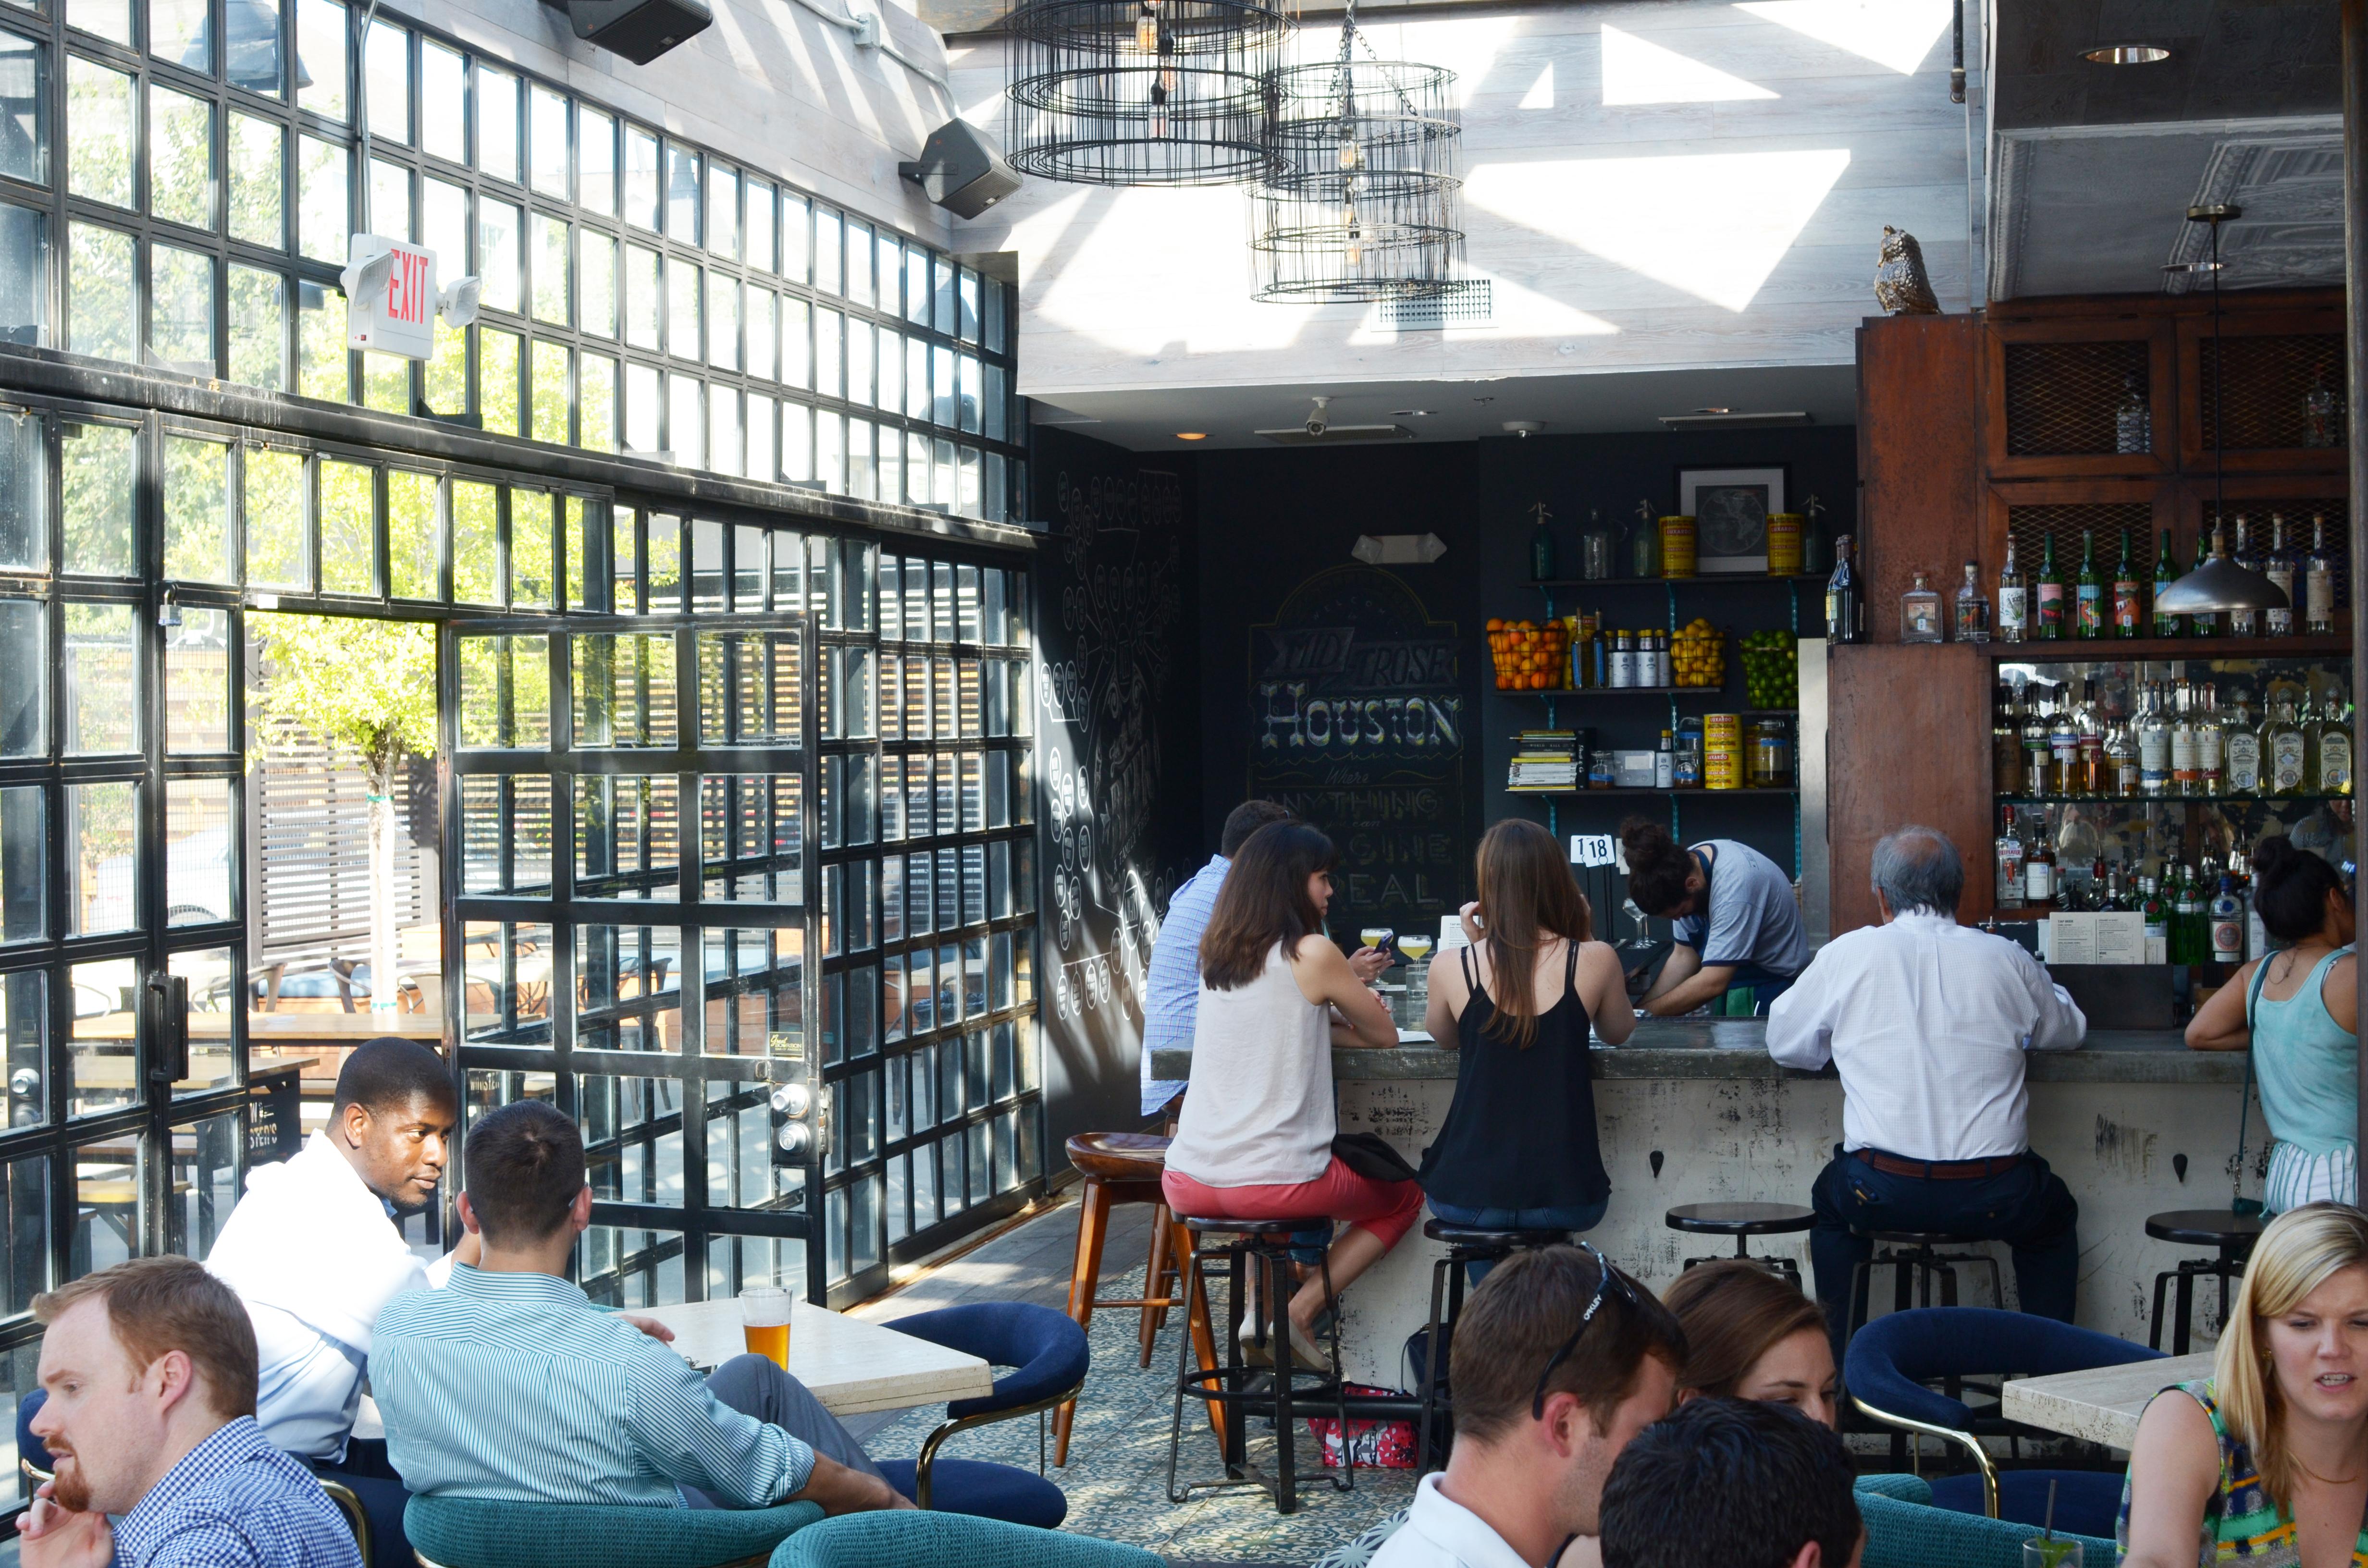 Wooster's Garden Bar